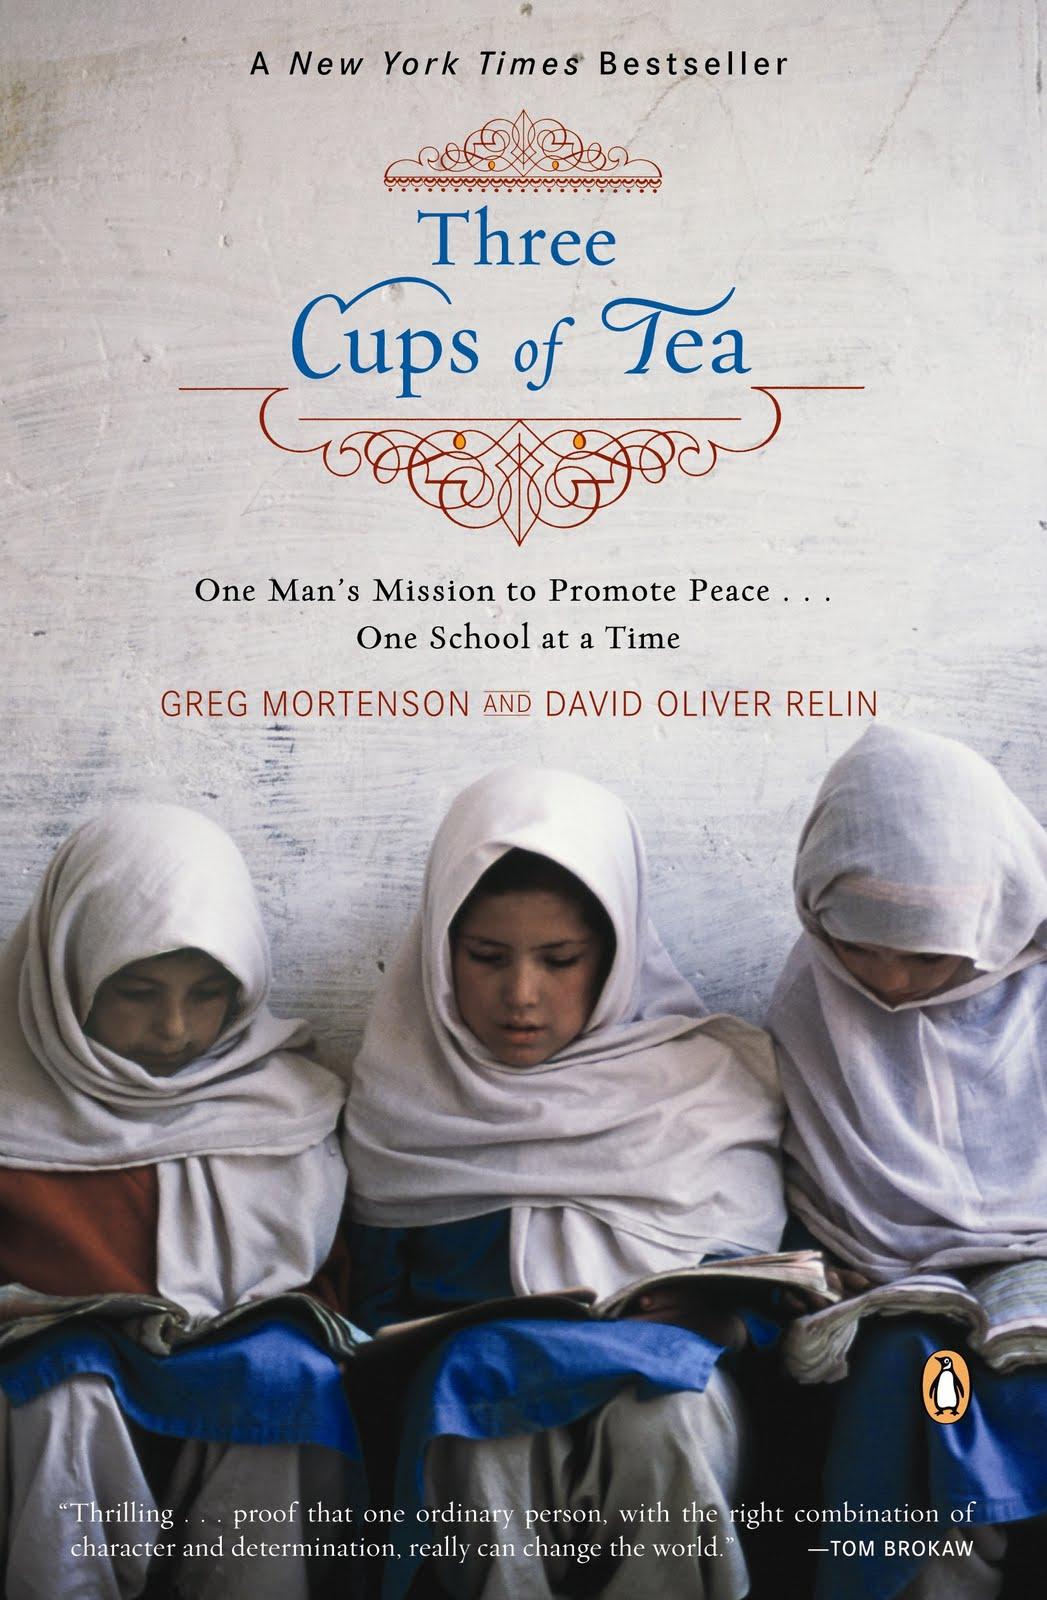 Три чашки чая - это поразительная история о том, как самый обычный